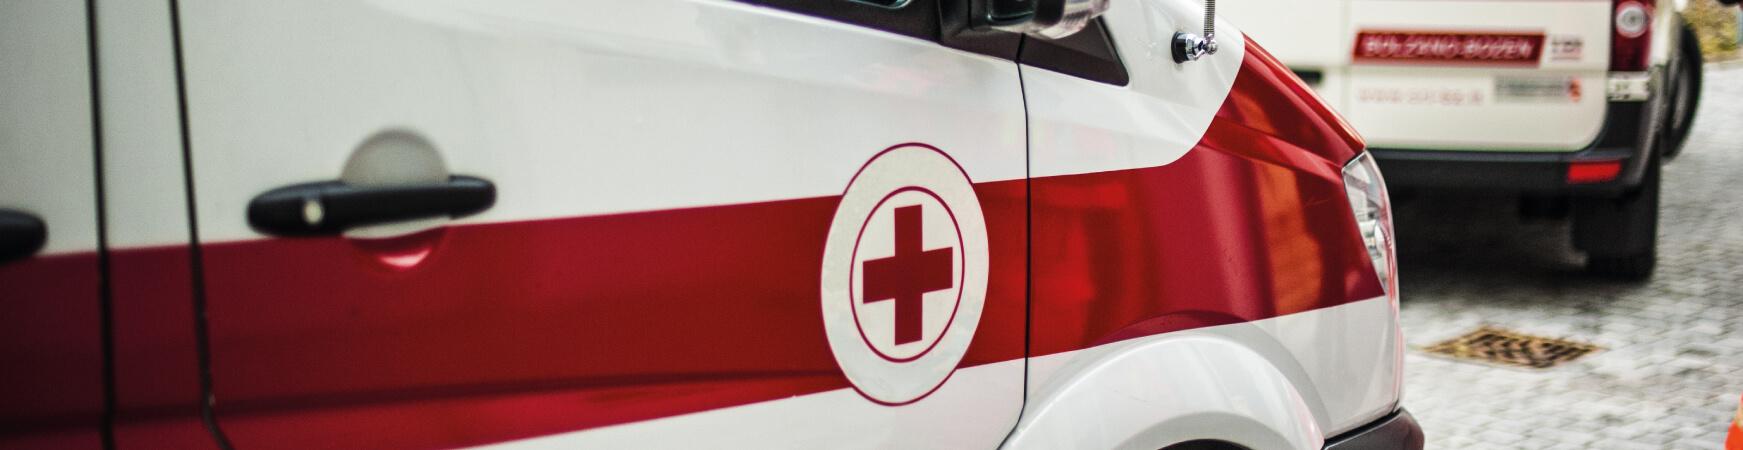 urgencia-emergencia